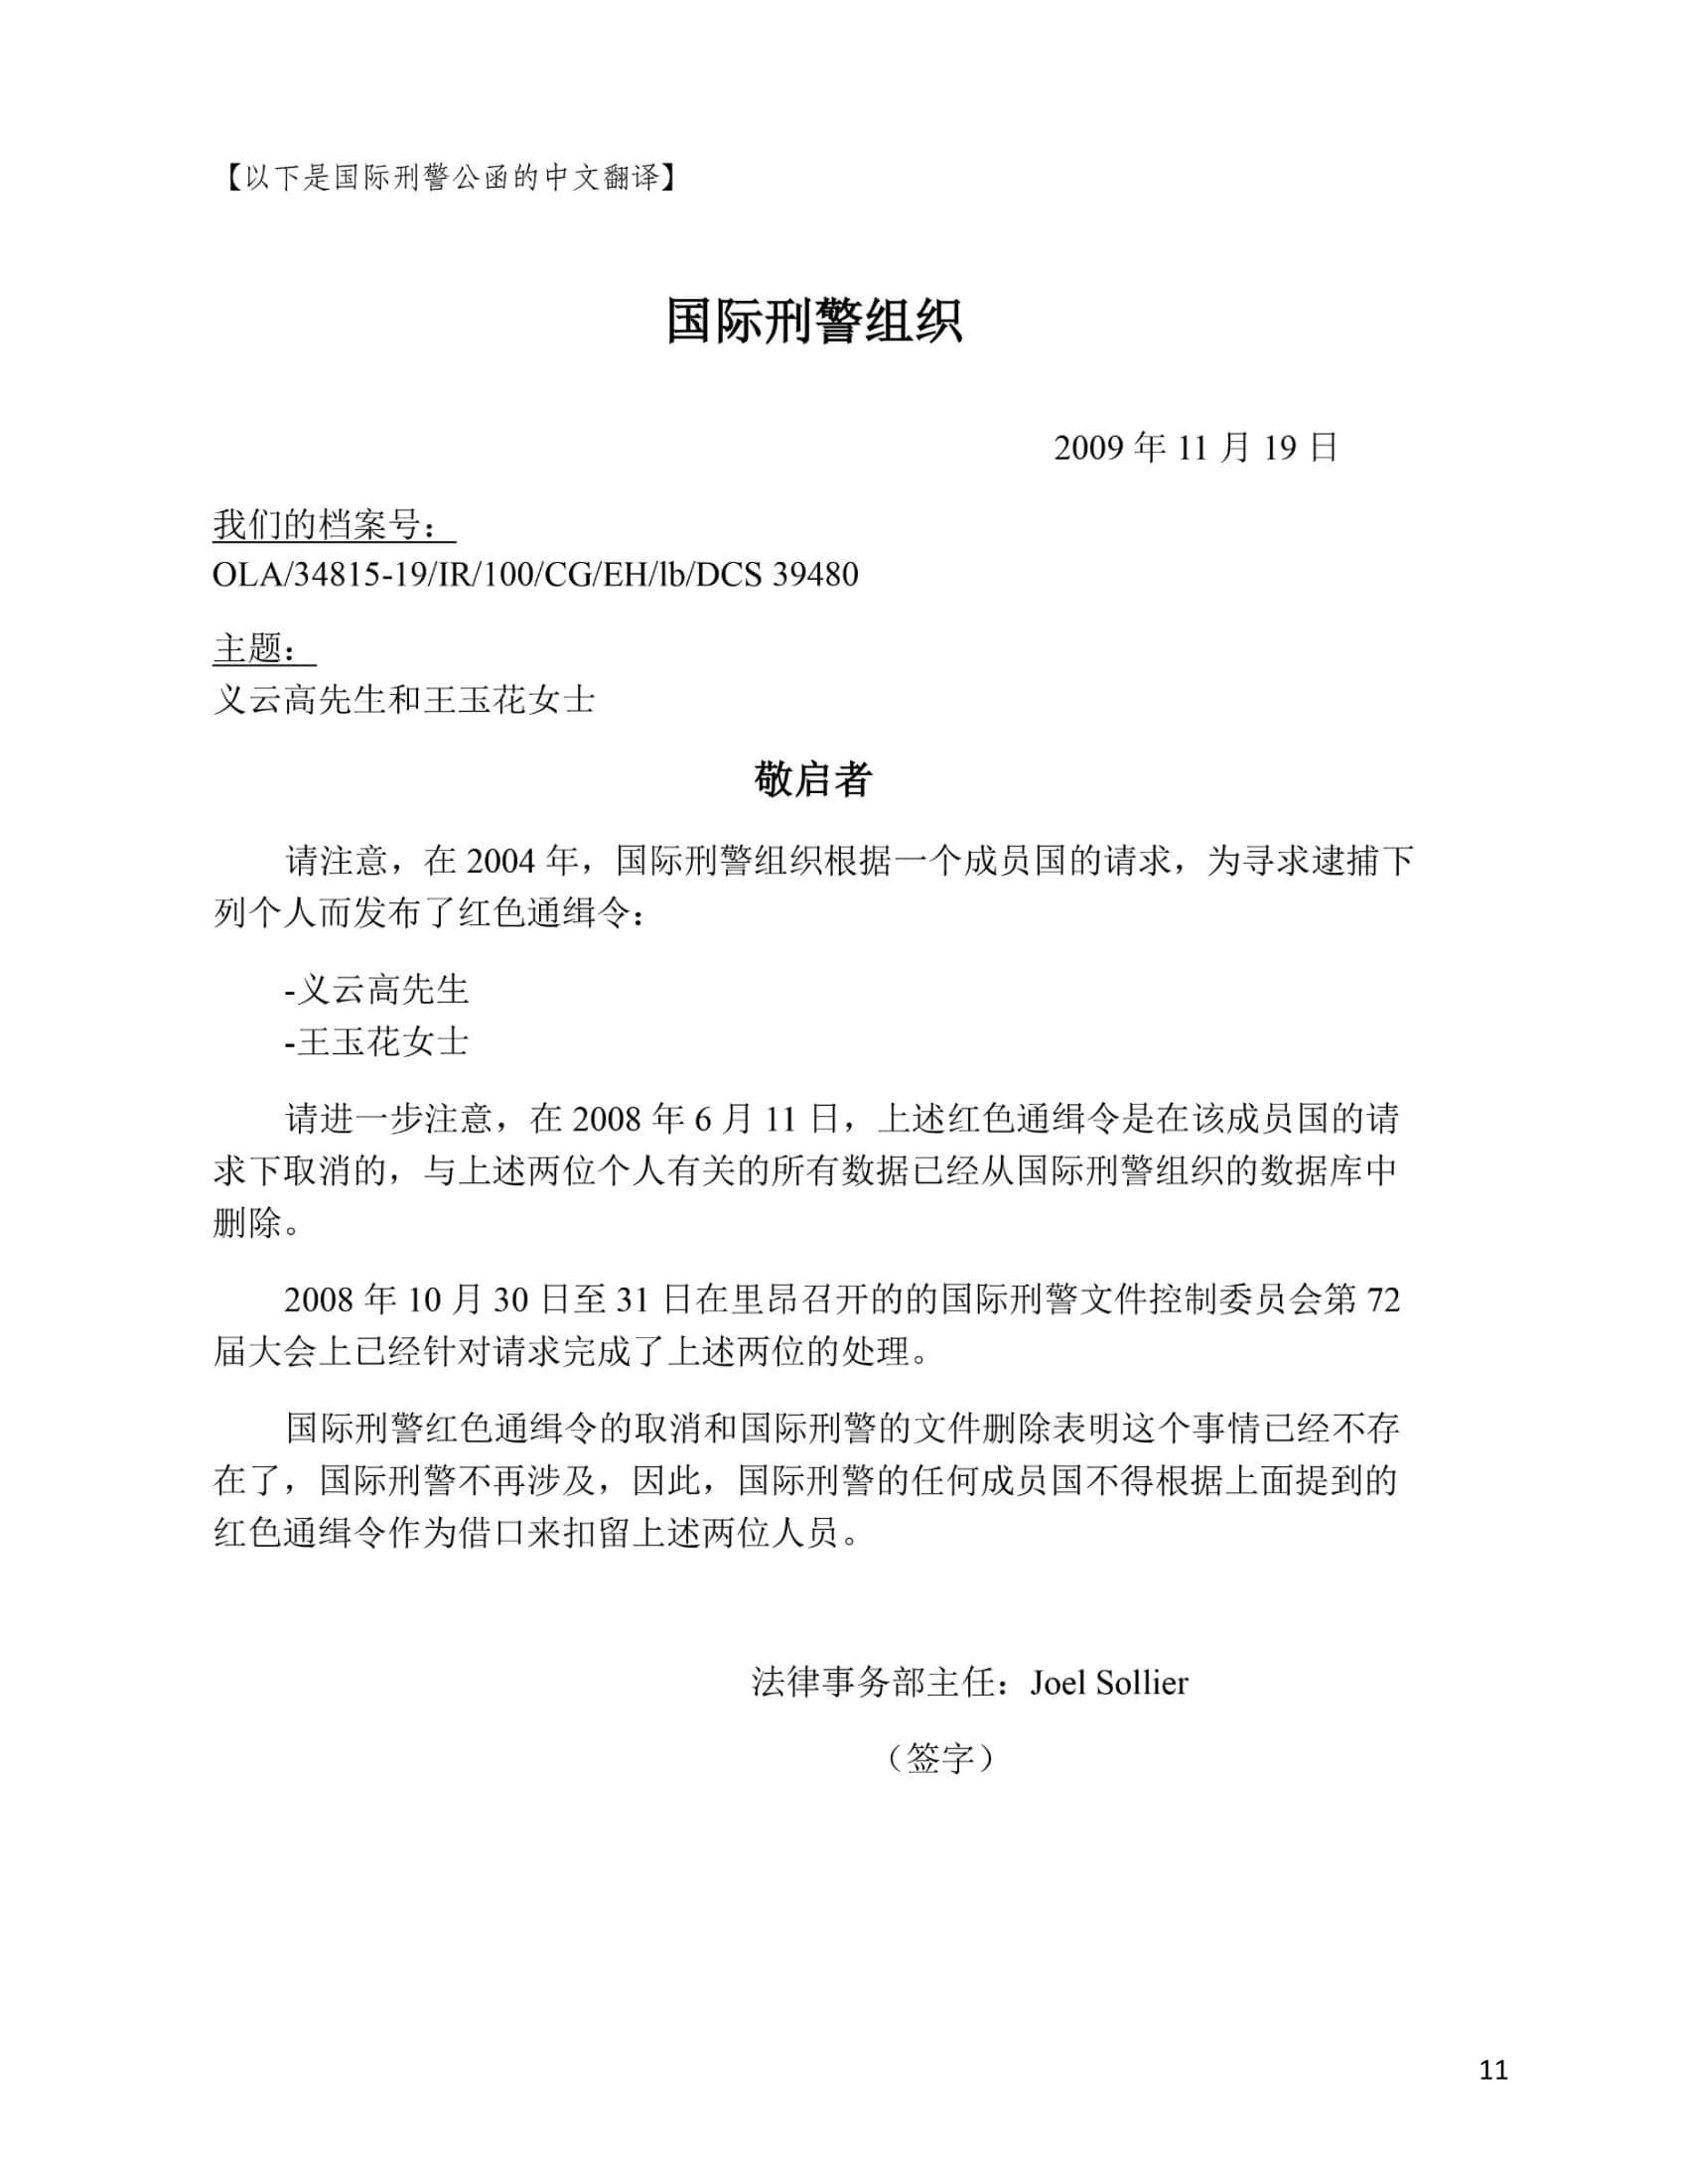 國際刑警的公函